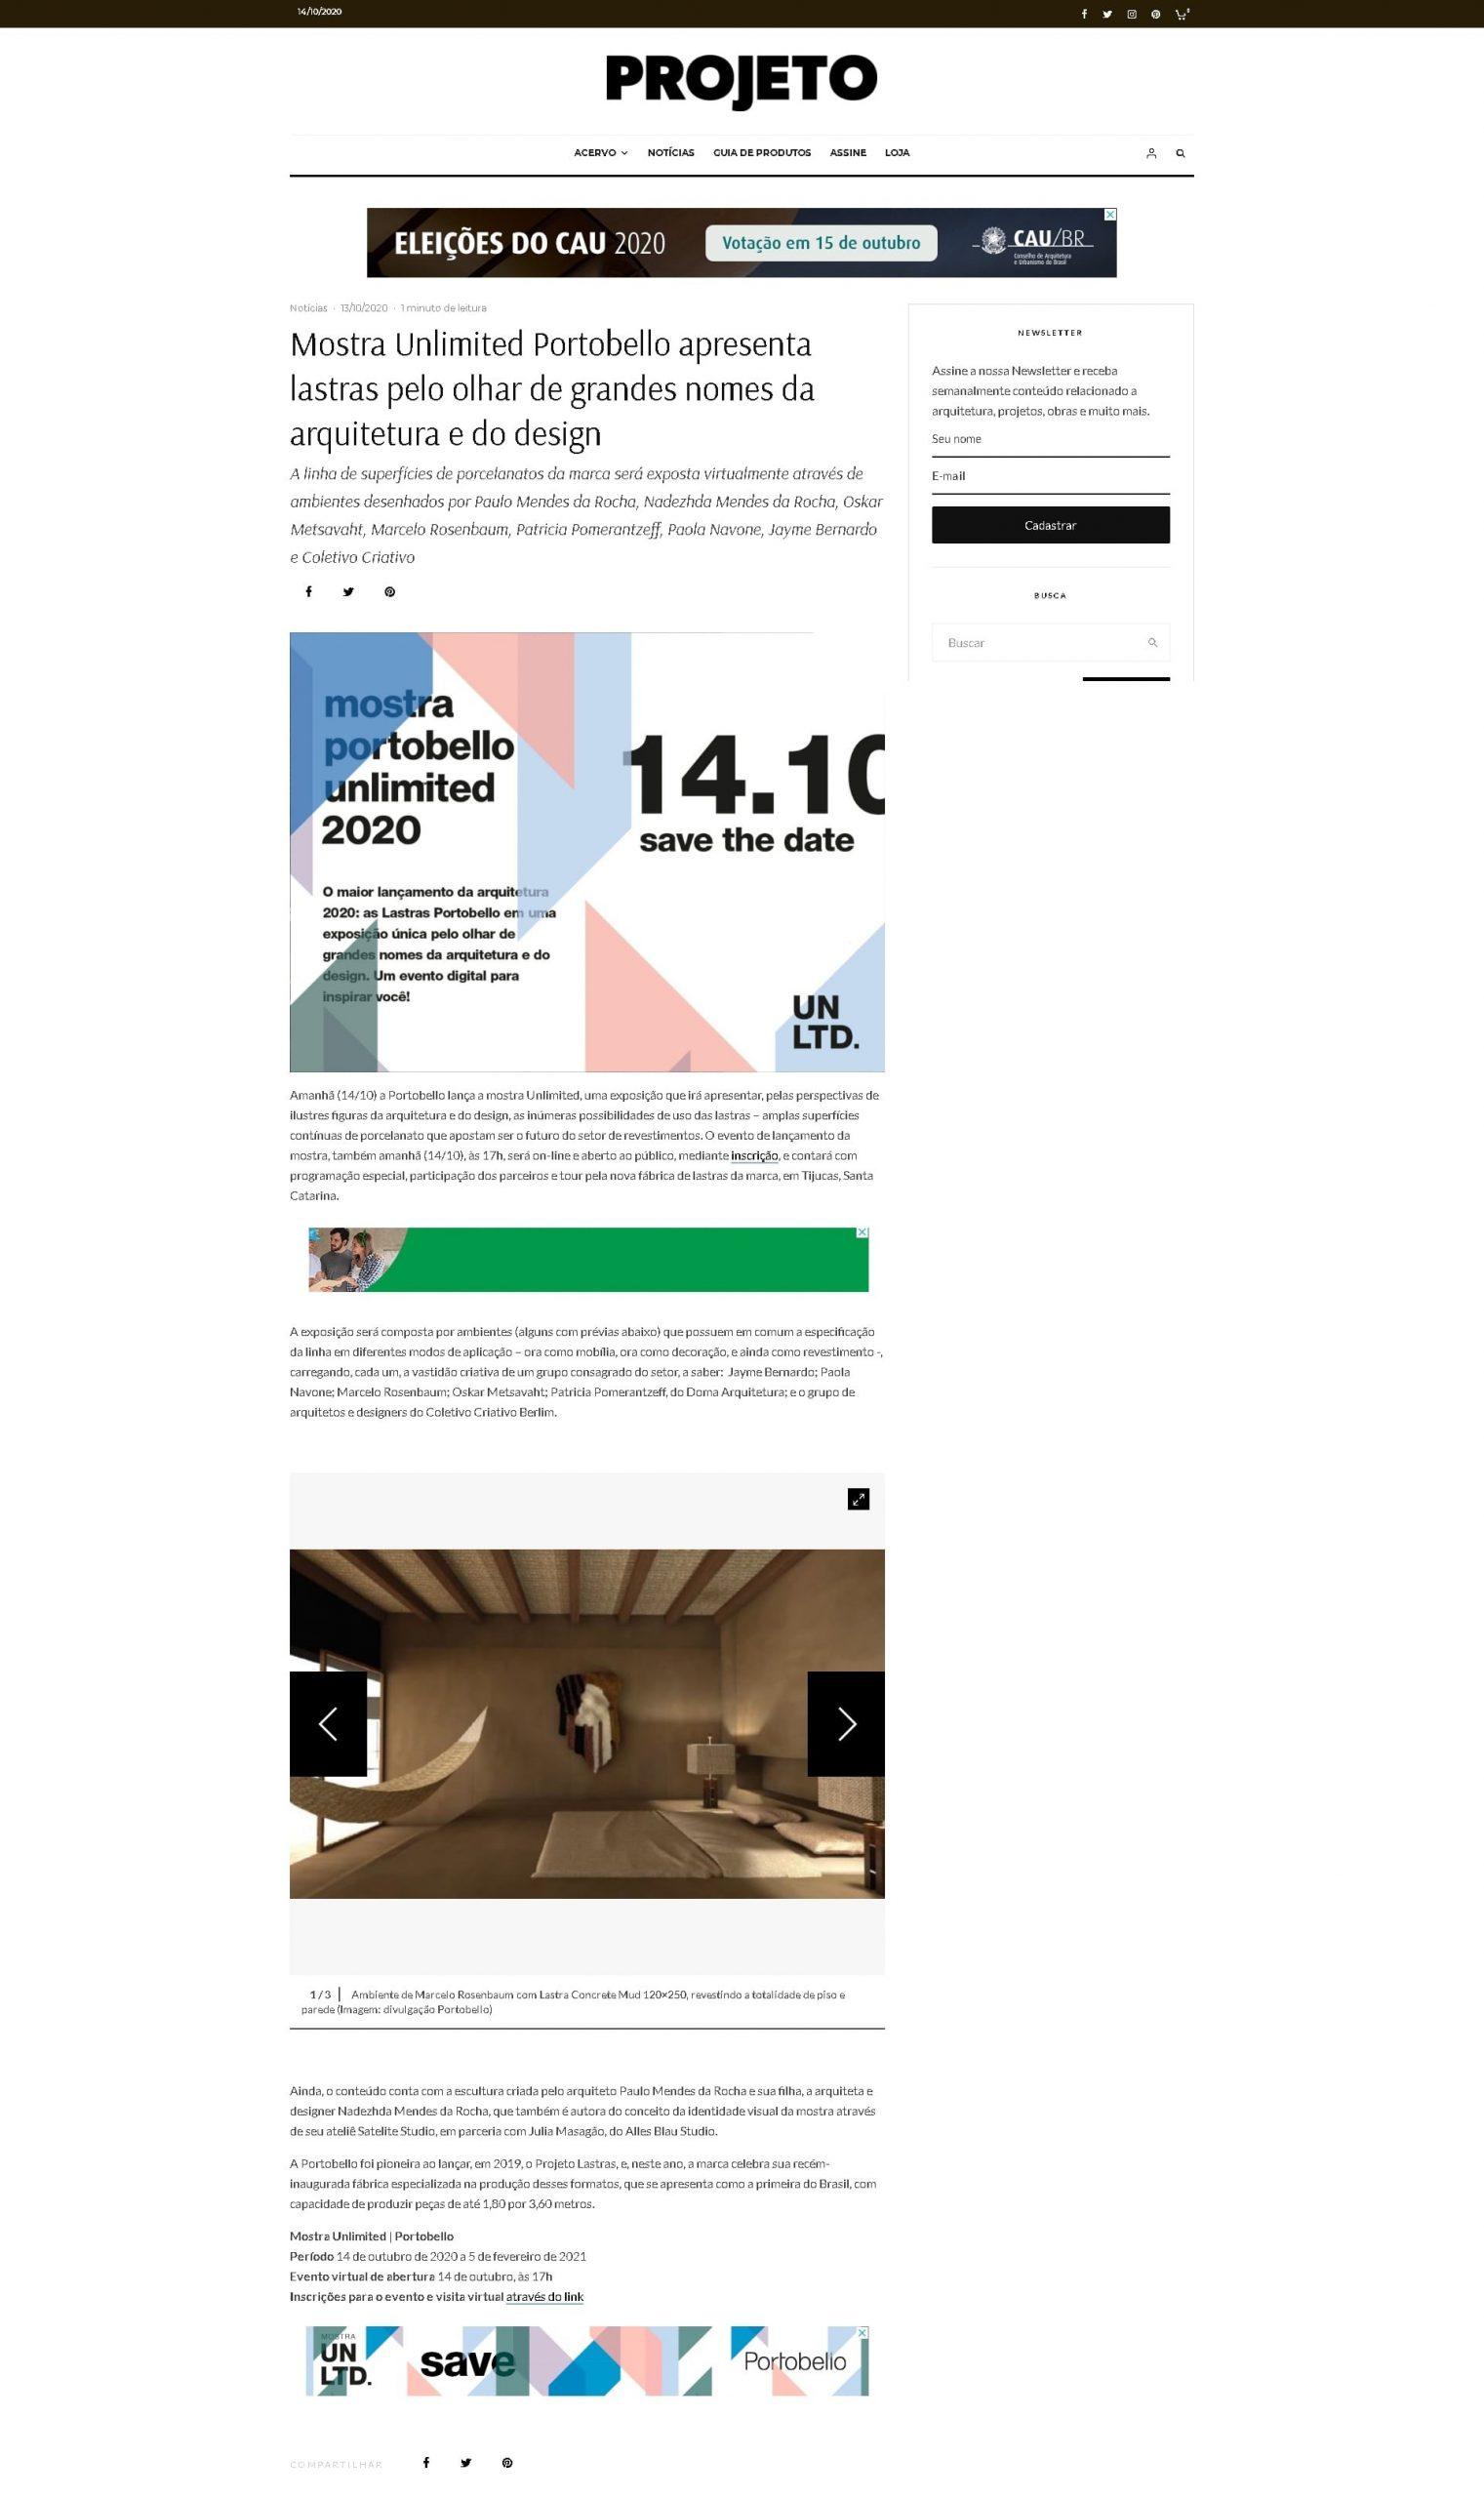 13.10.20_Revista Projeto_Mostra Unlimited